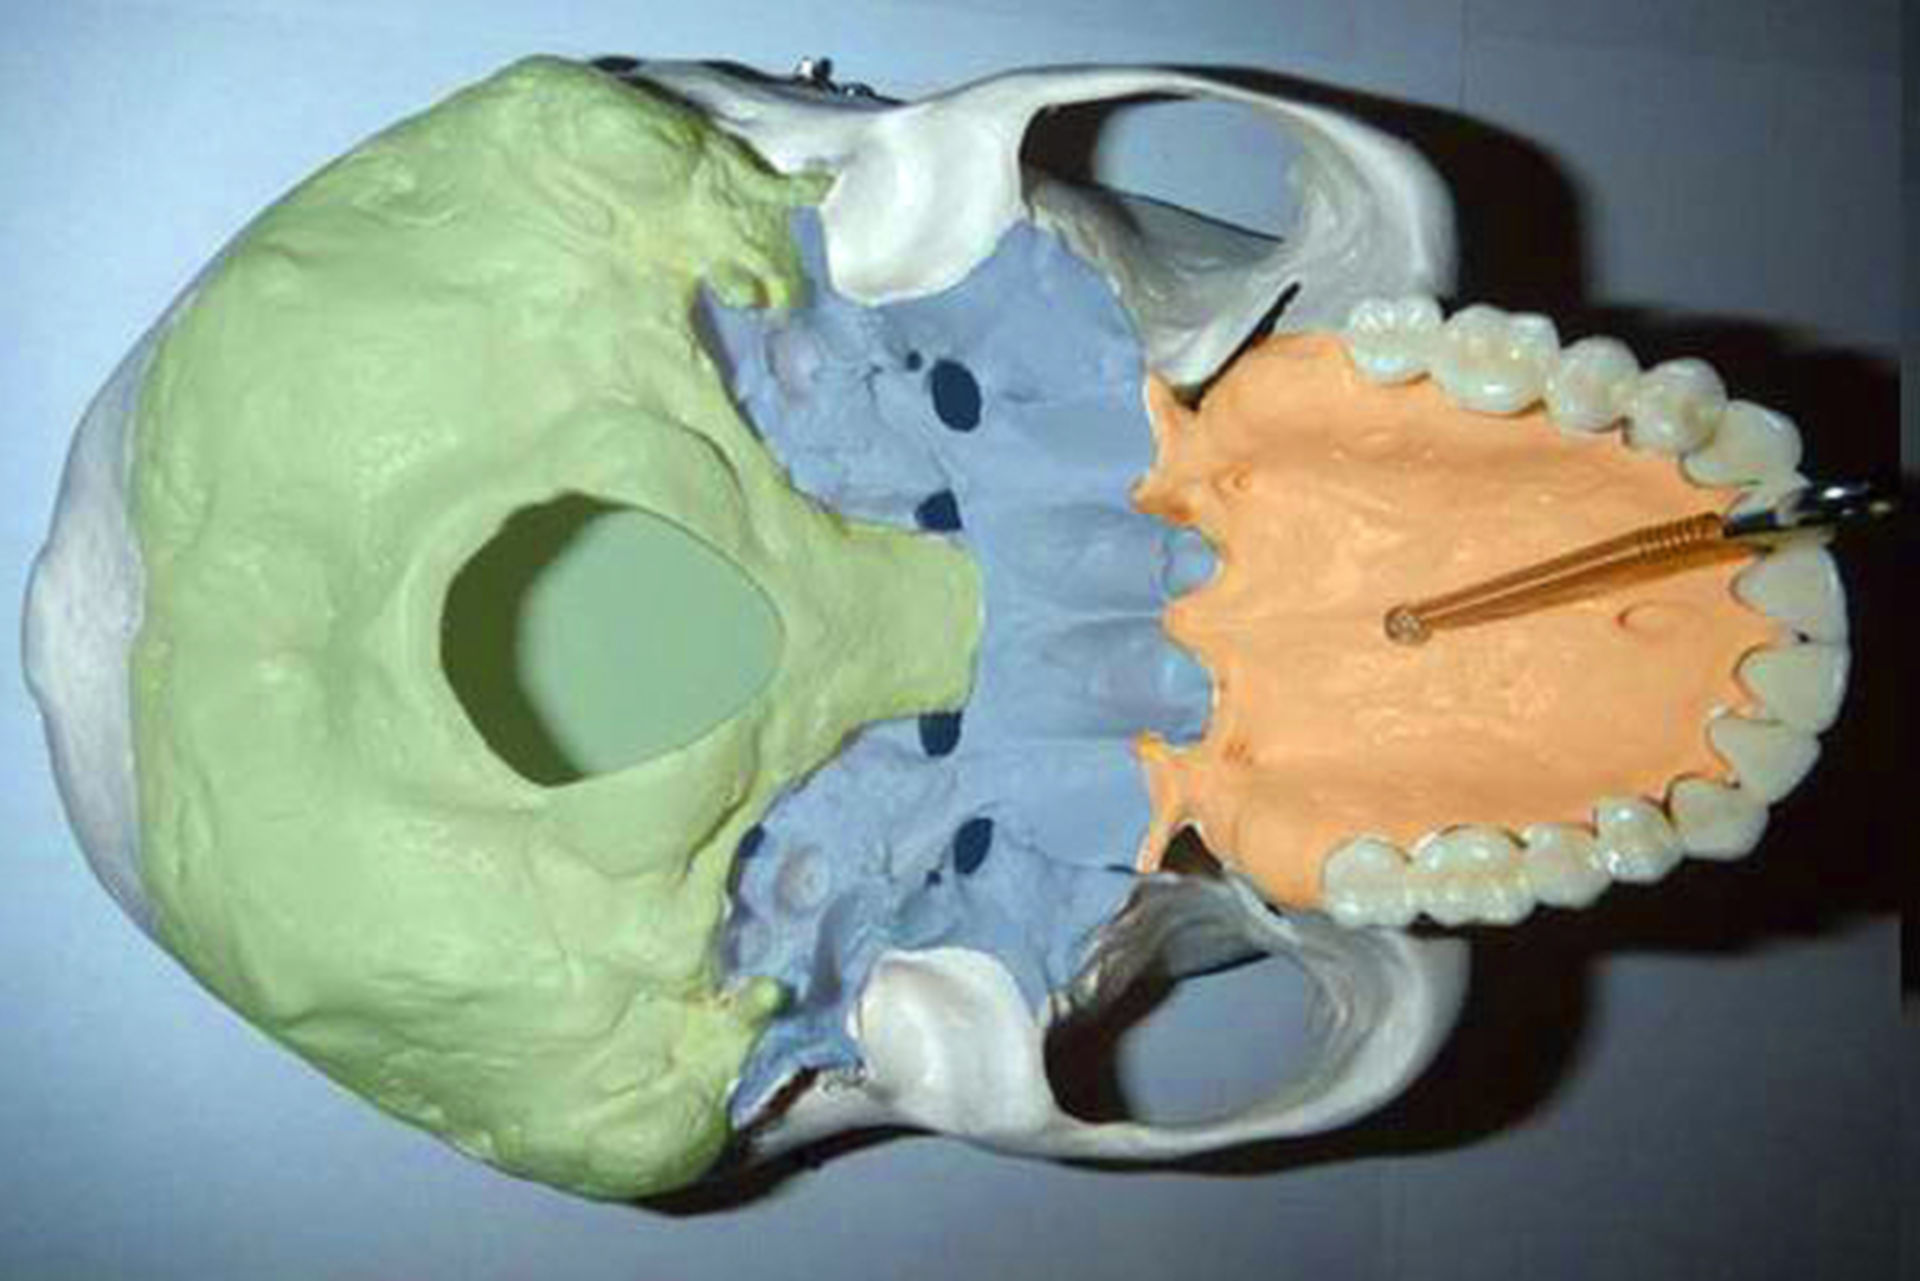 Base of skull - outside